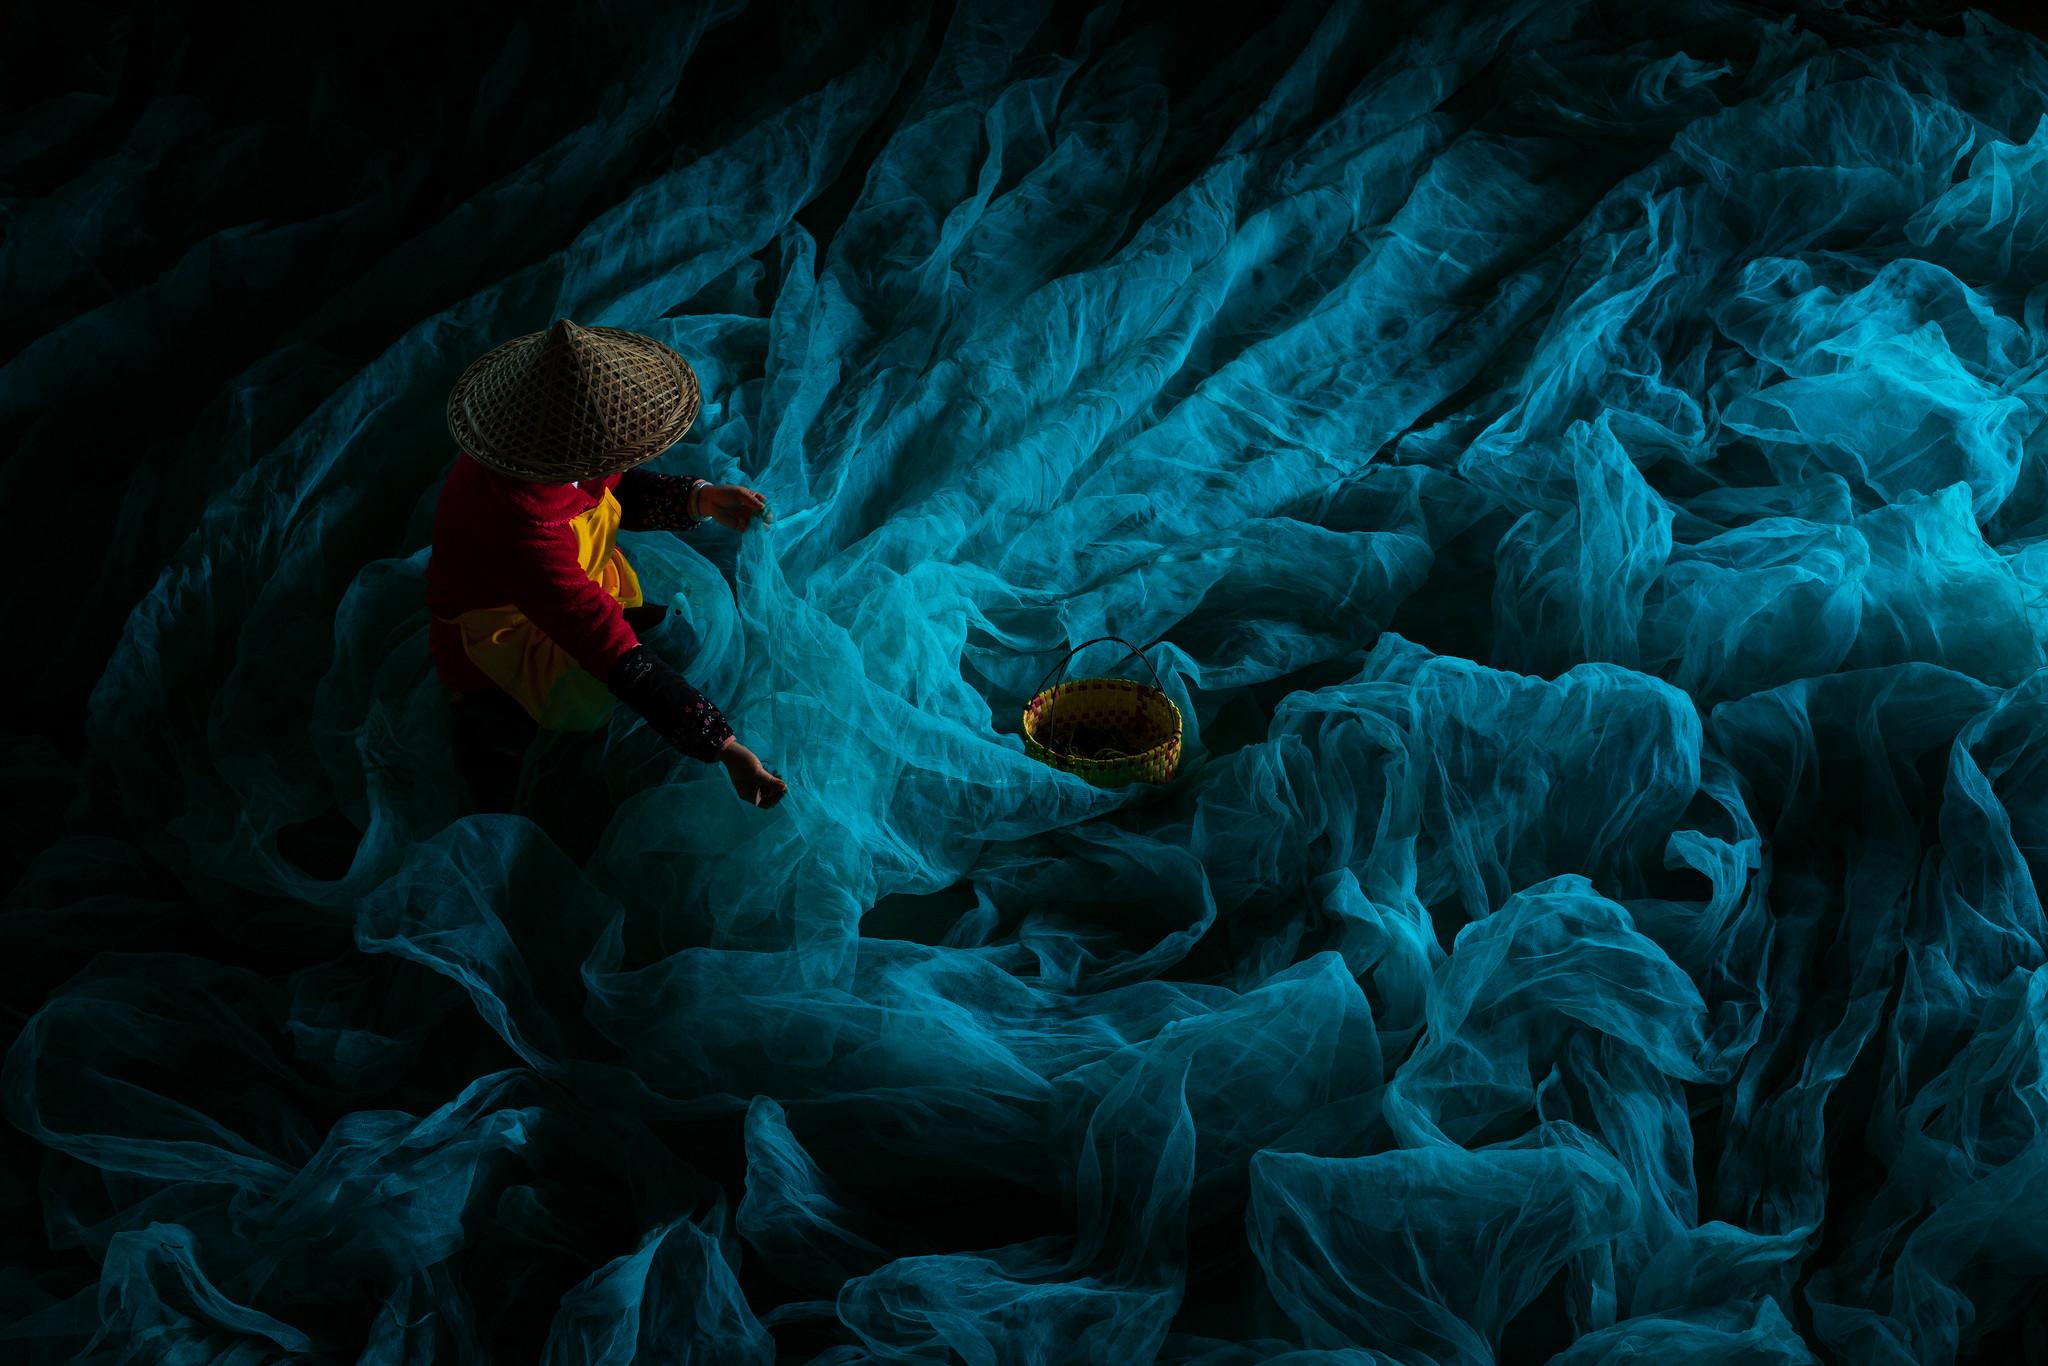 亚历克斯·伯杰 (Alex Berger) 的中国渔夫修补网的彩色肖像